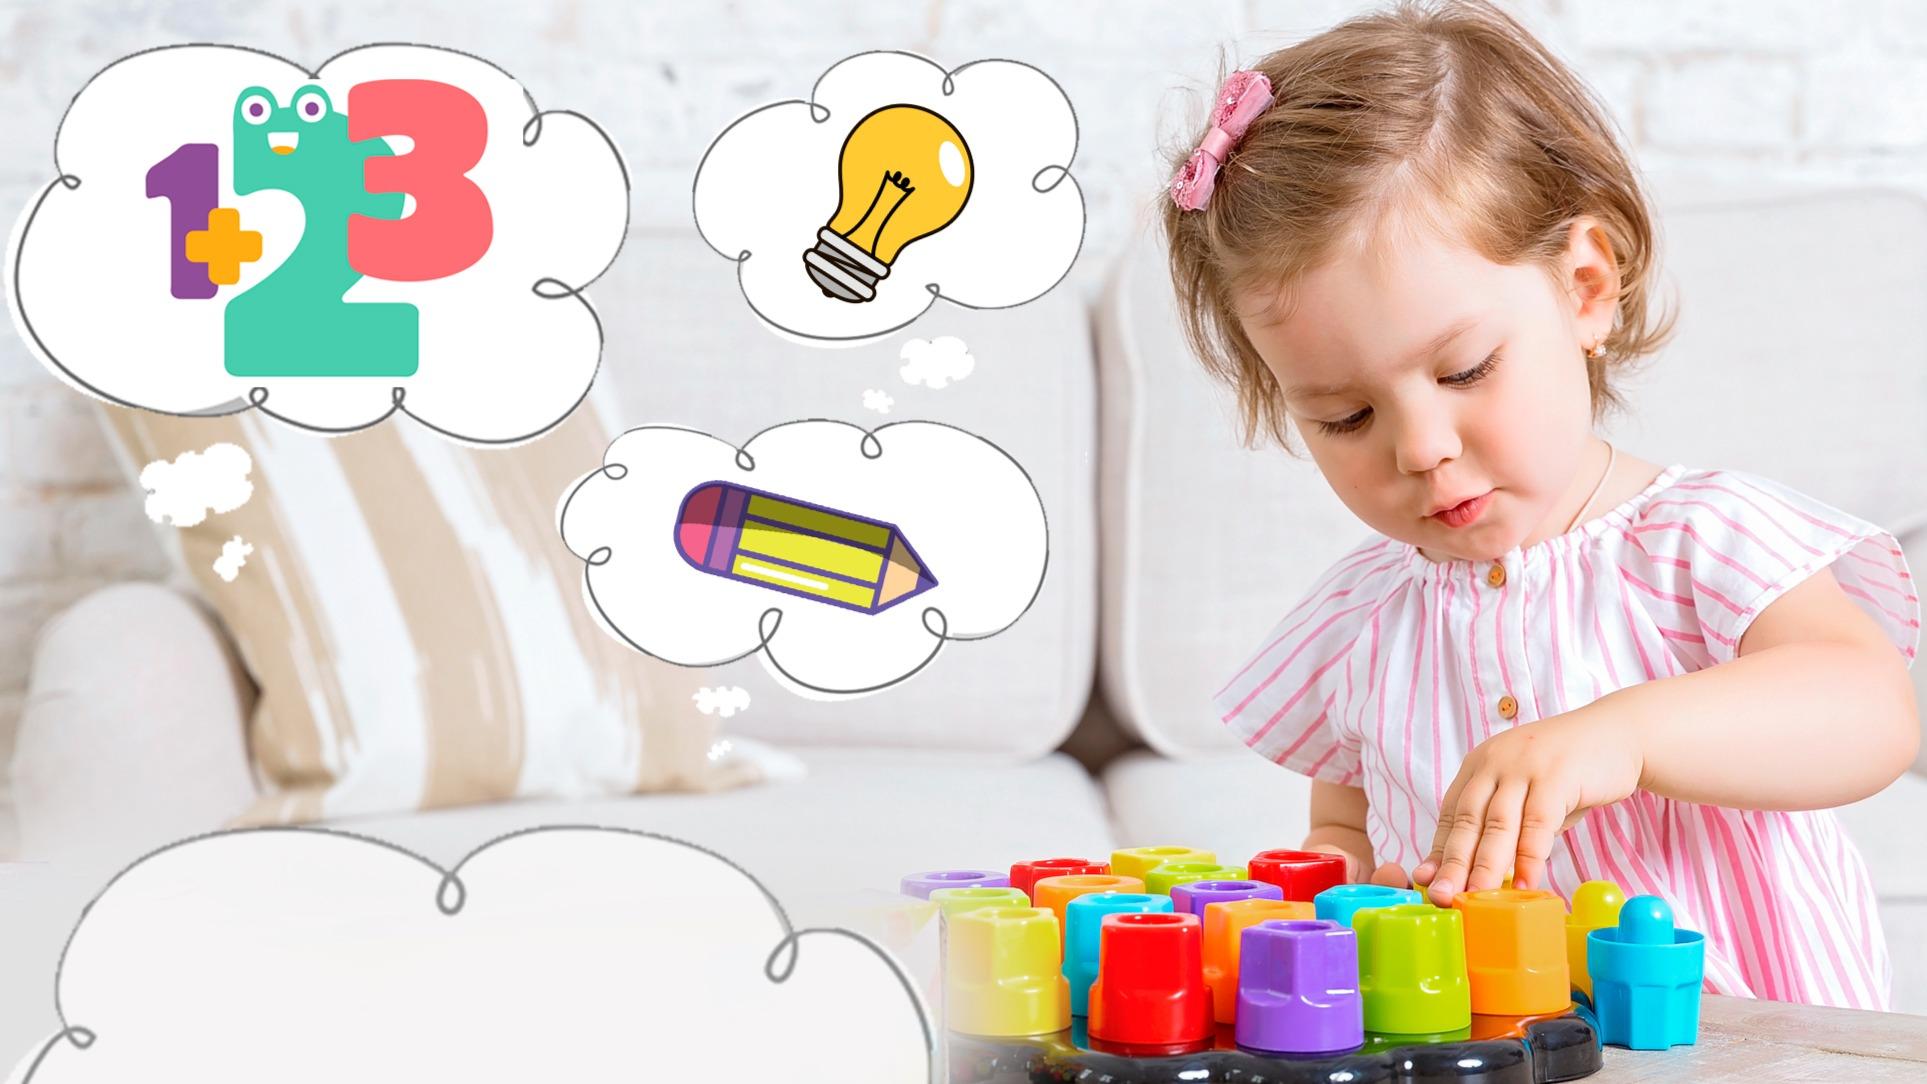 Как научить малыша эффективно думать? Проверенные способы для дошкольников.